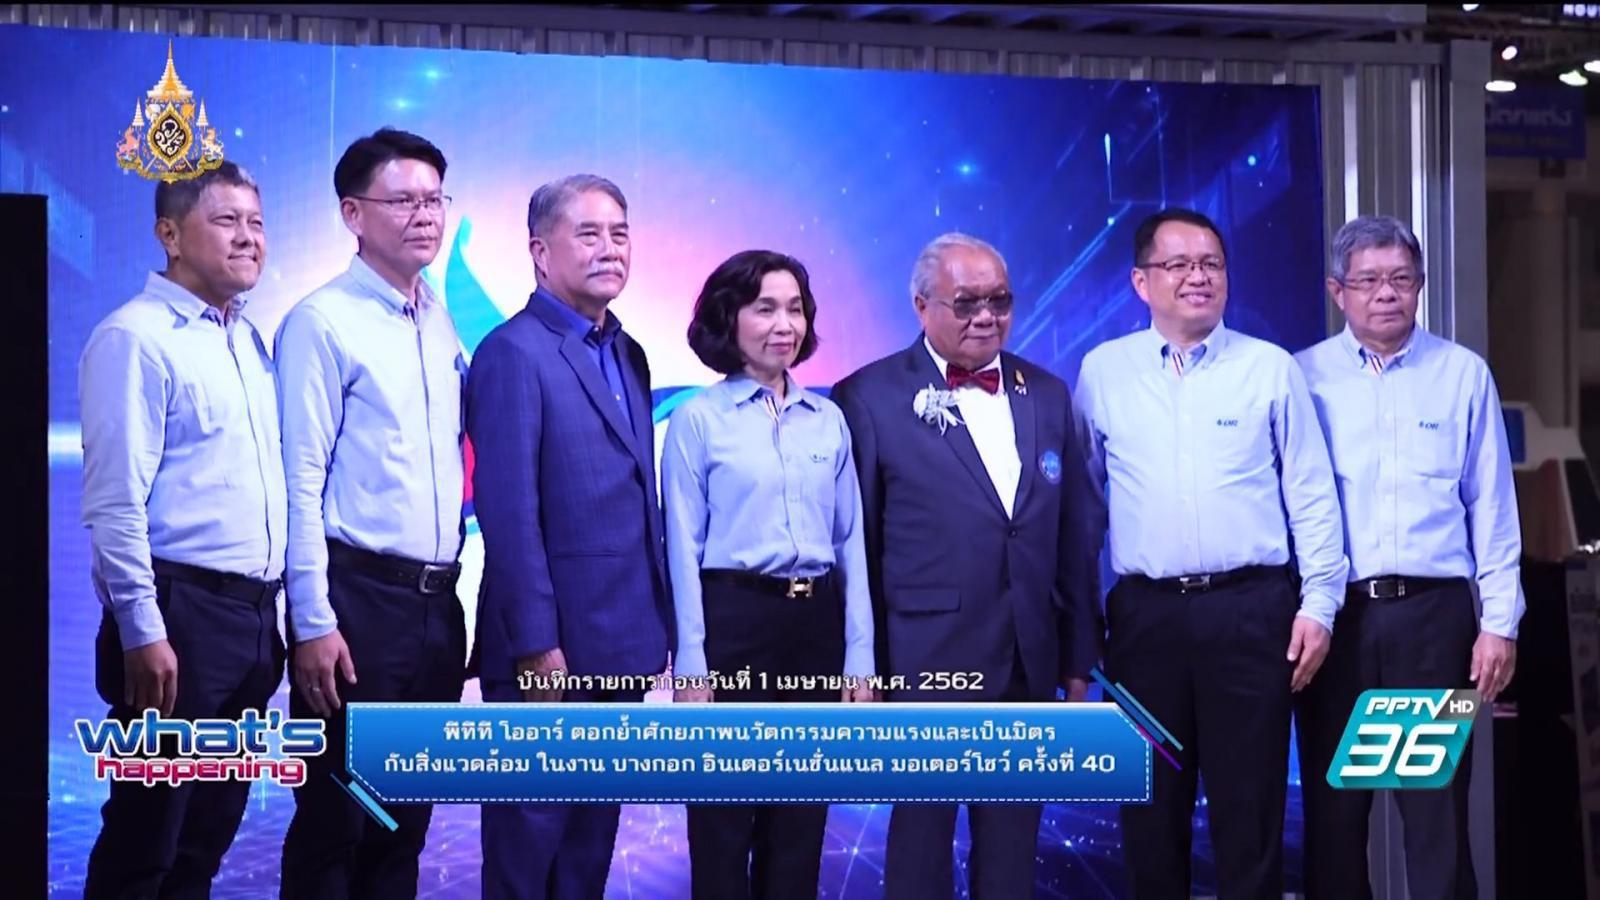 พีทีที โออาร์ ตอกย้ำศักยภาพนวัตกรรมความแรง ในงาน Bangkok international Motor Show 2019